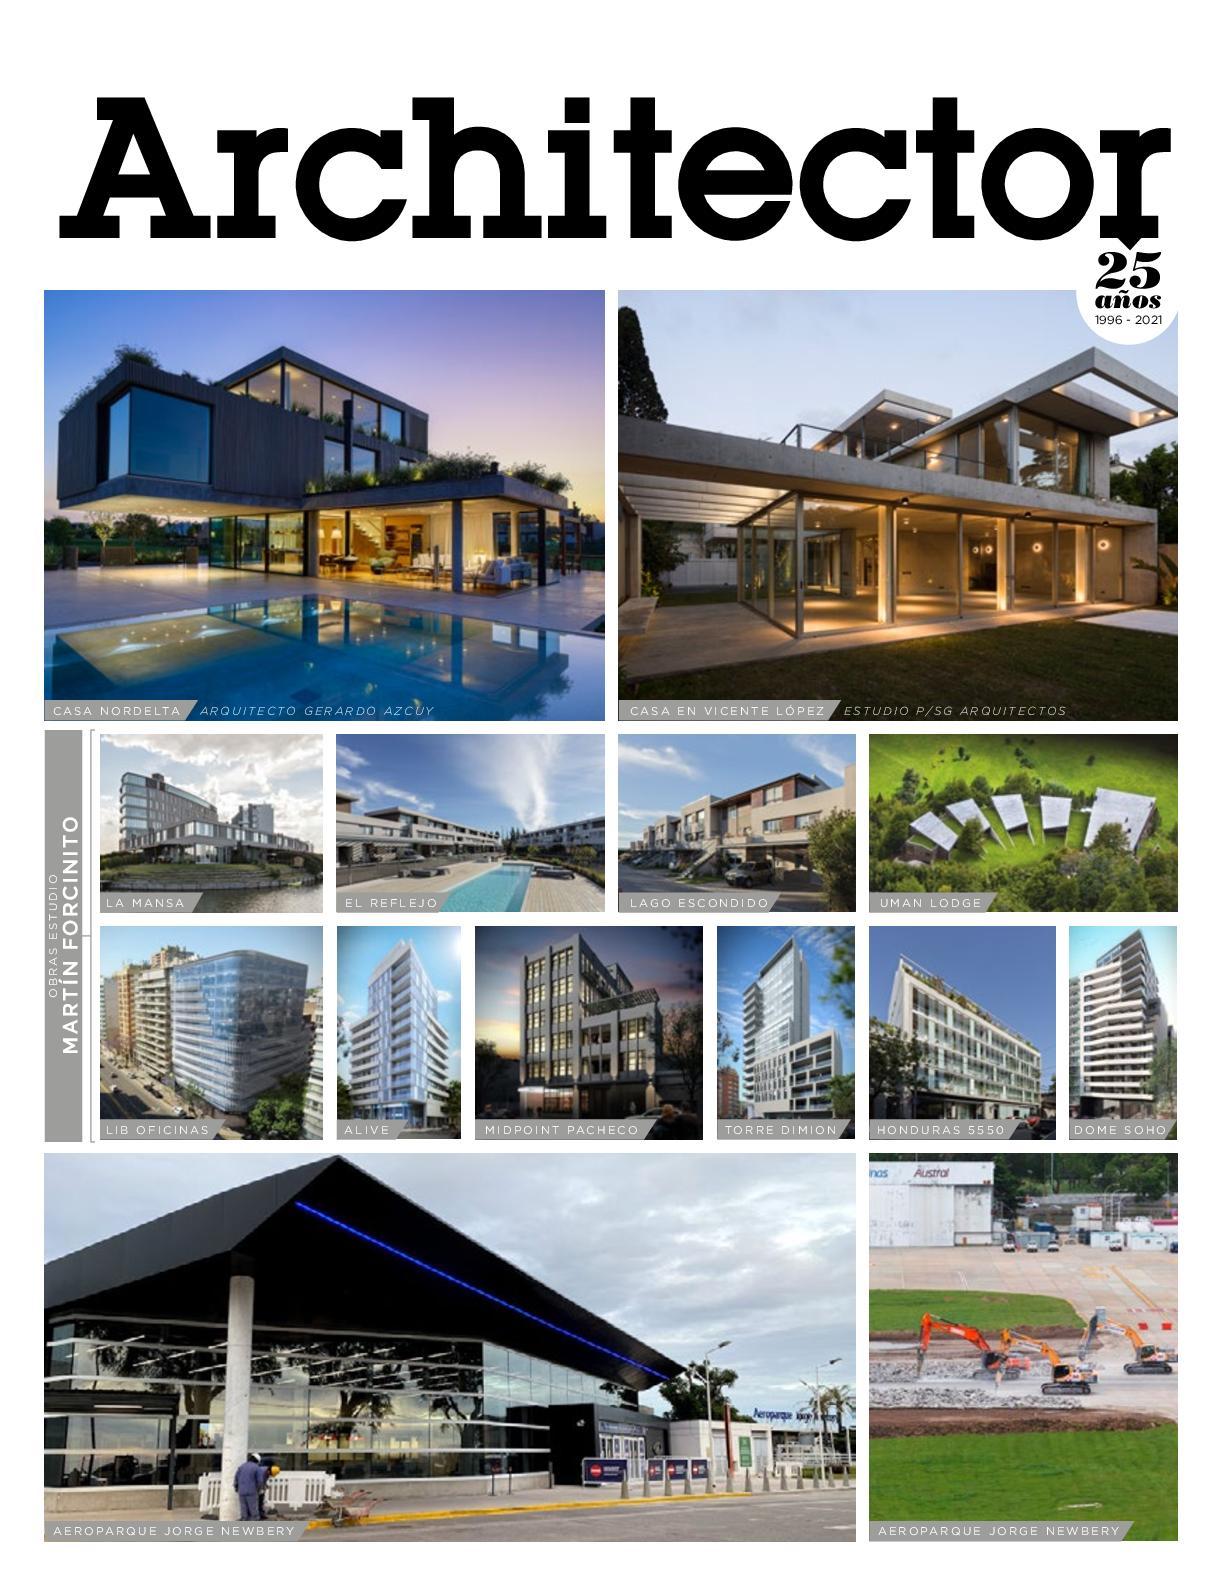 Retrospectiva en la Revista Architector